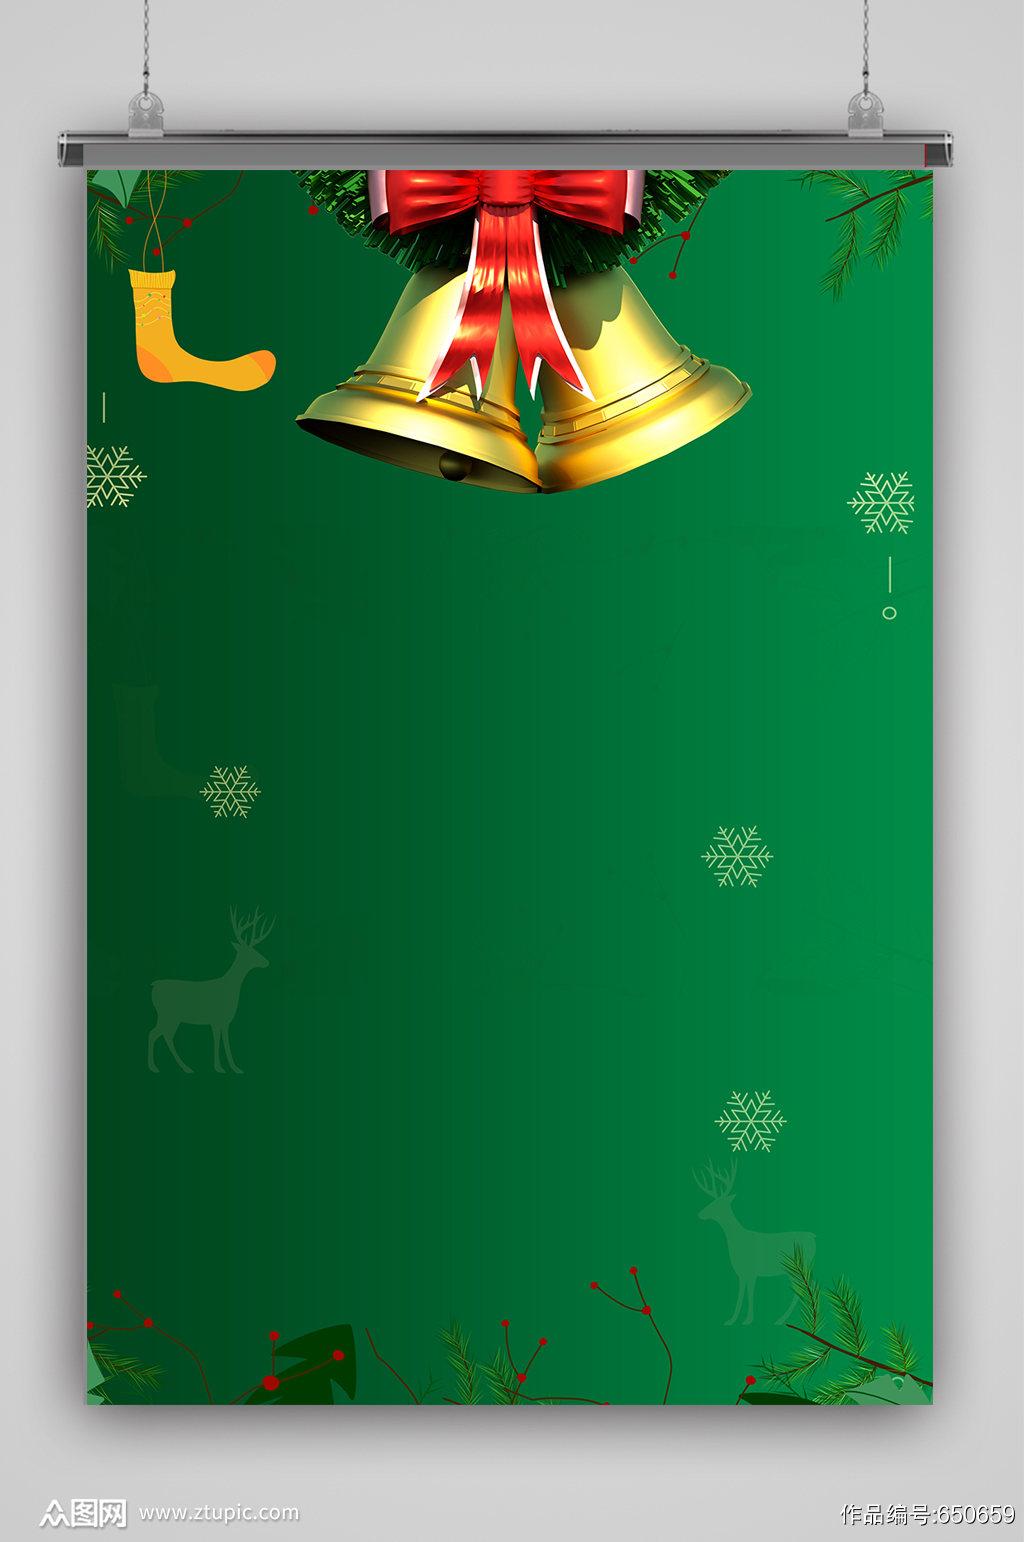 绿色卡通圣诞节海报背景素材